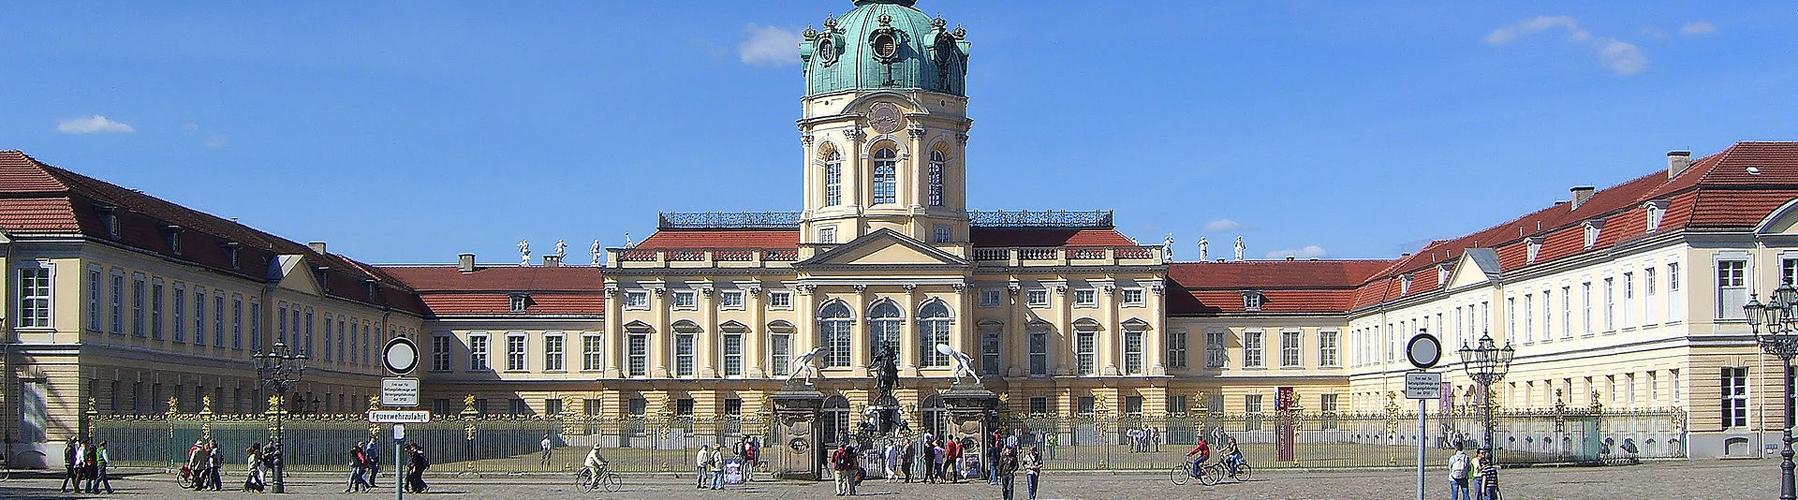 베를린 - 샤를로텐부르크 궁전에 가까운 캠핑장. 베를린의 지도, 베를린에 위치한 캠핑장에 대한 사진 및 리뷰.